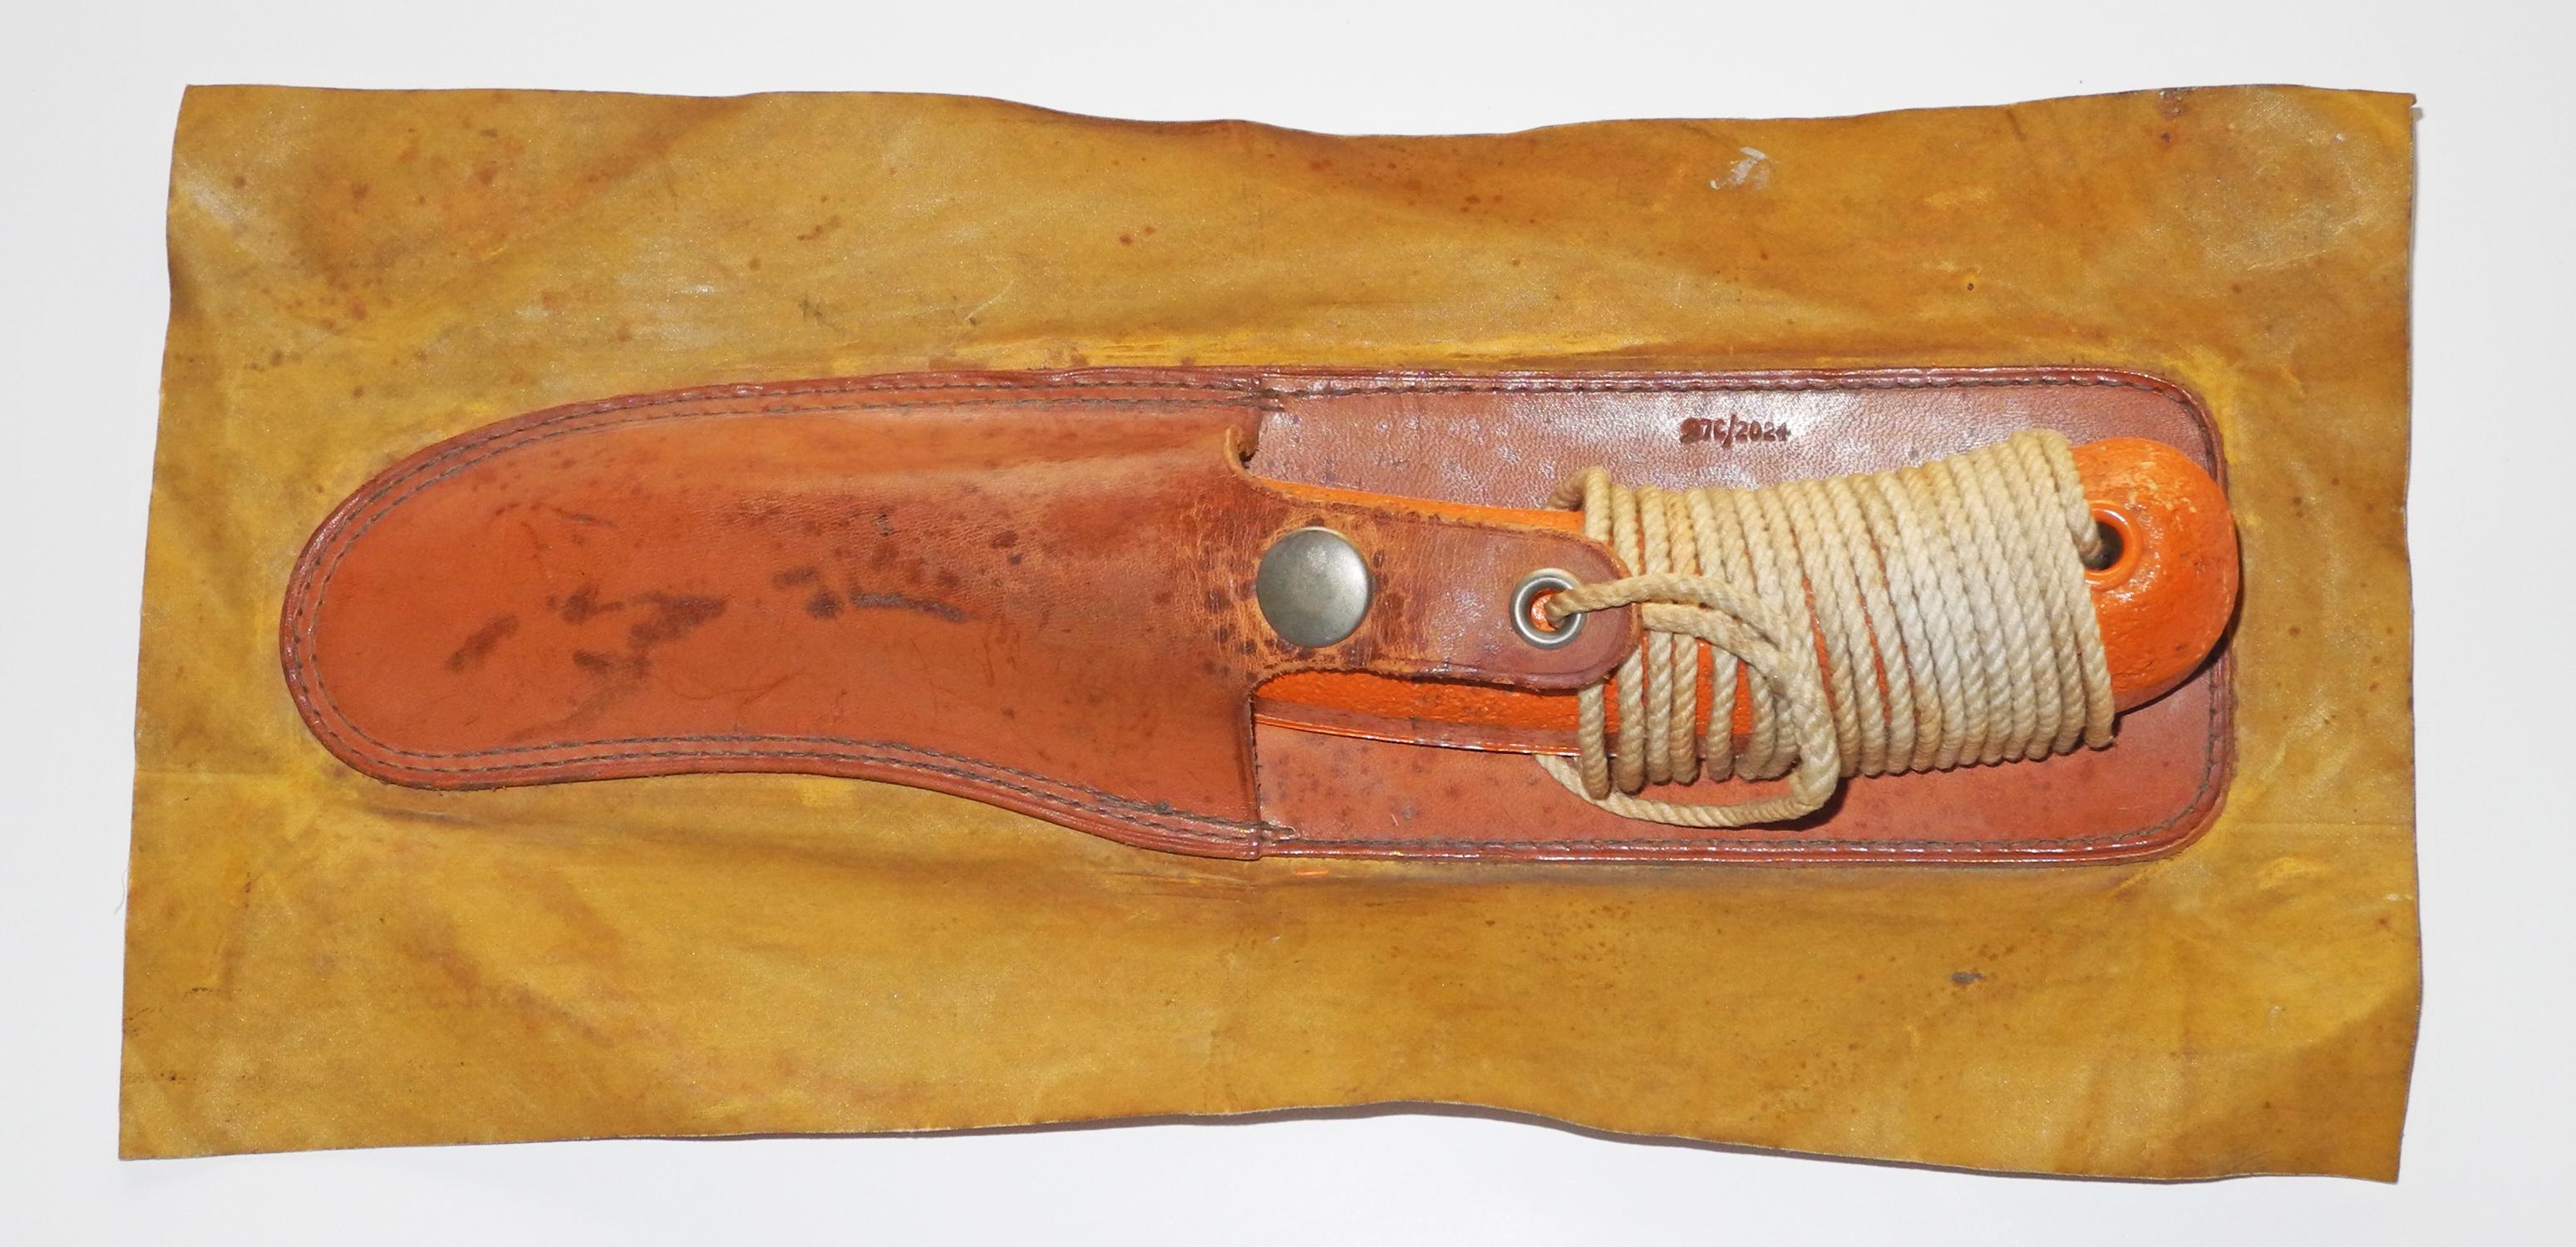 RAF dinghy knife - large version164